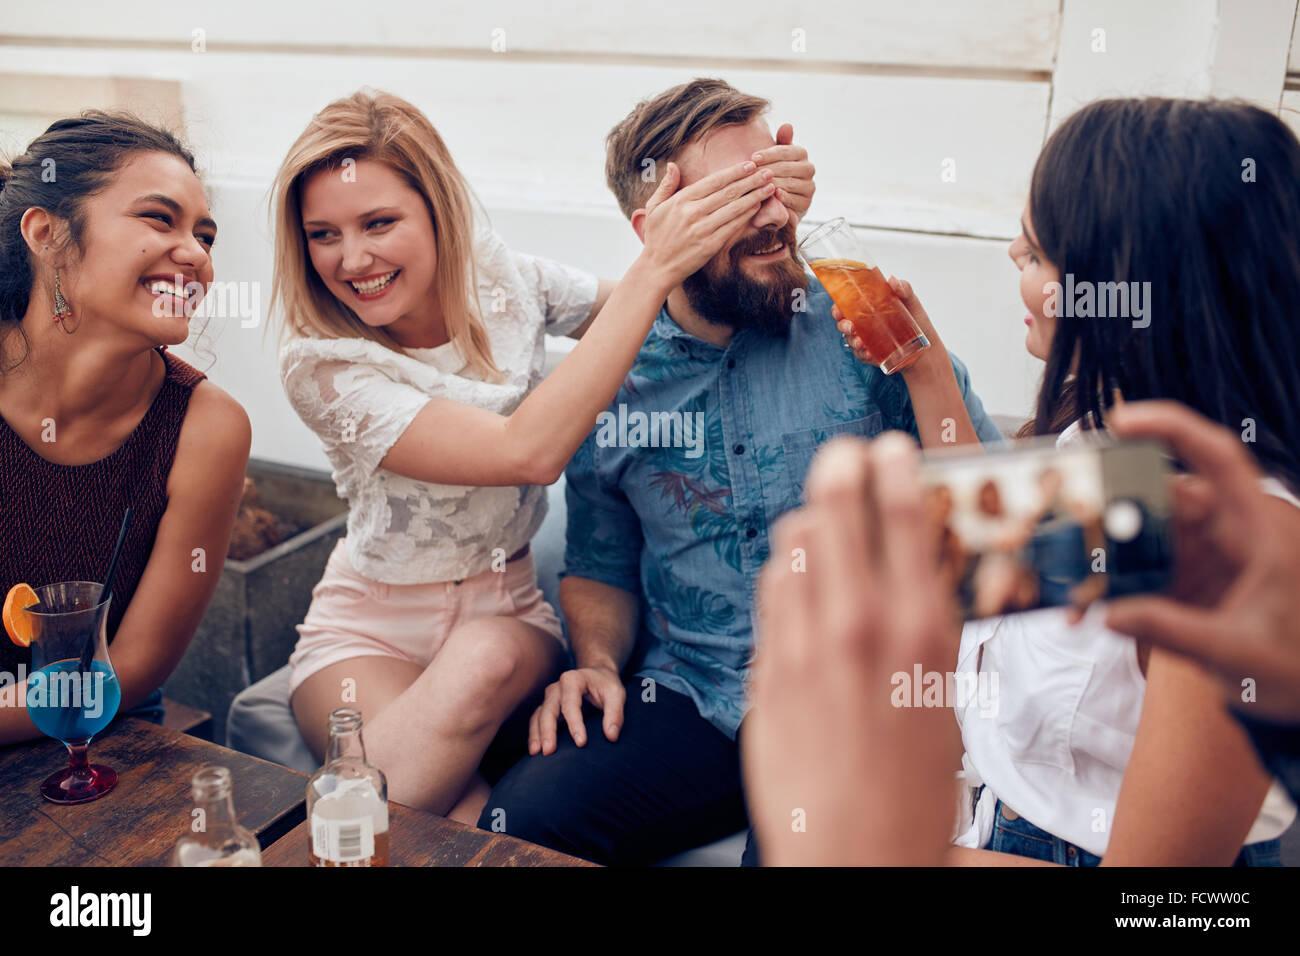 Les jeunes gens assis jouissant ensemble partie. Femme fermeture yeux d'un homme avec un autre donner à Photo Stock